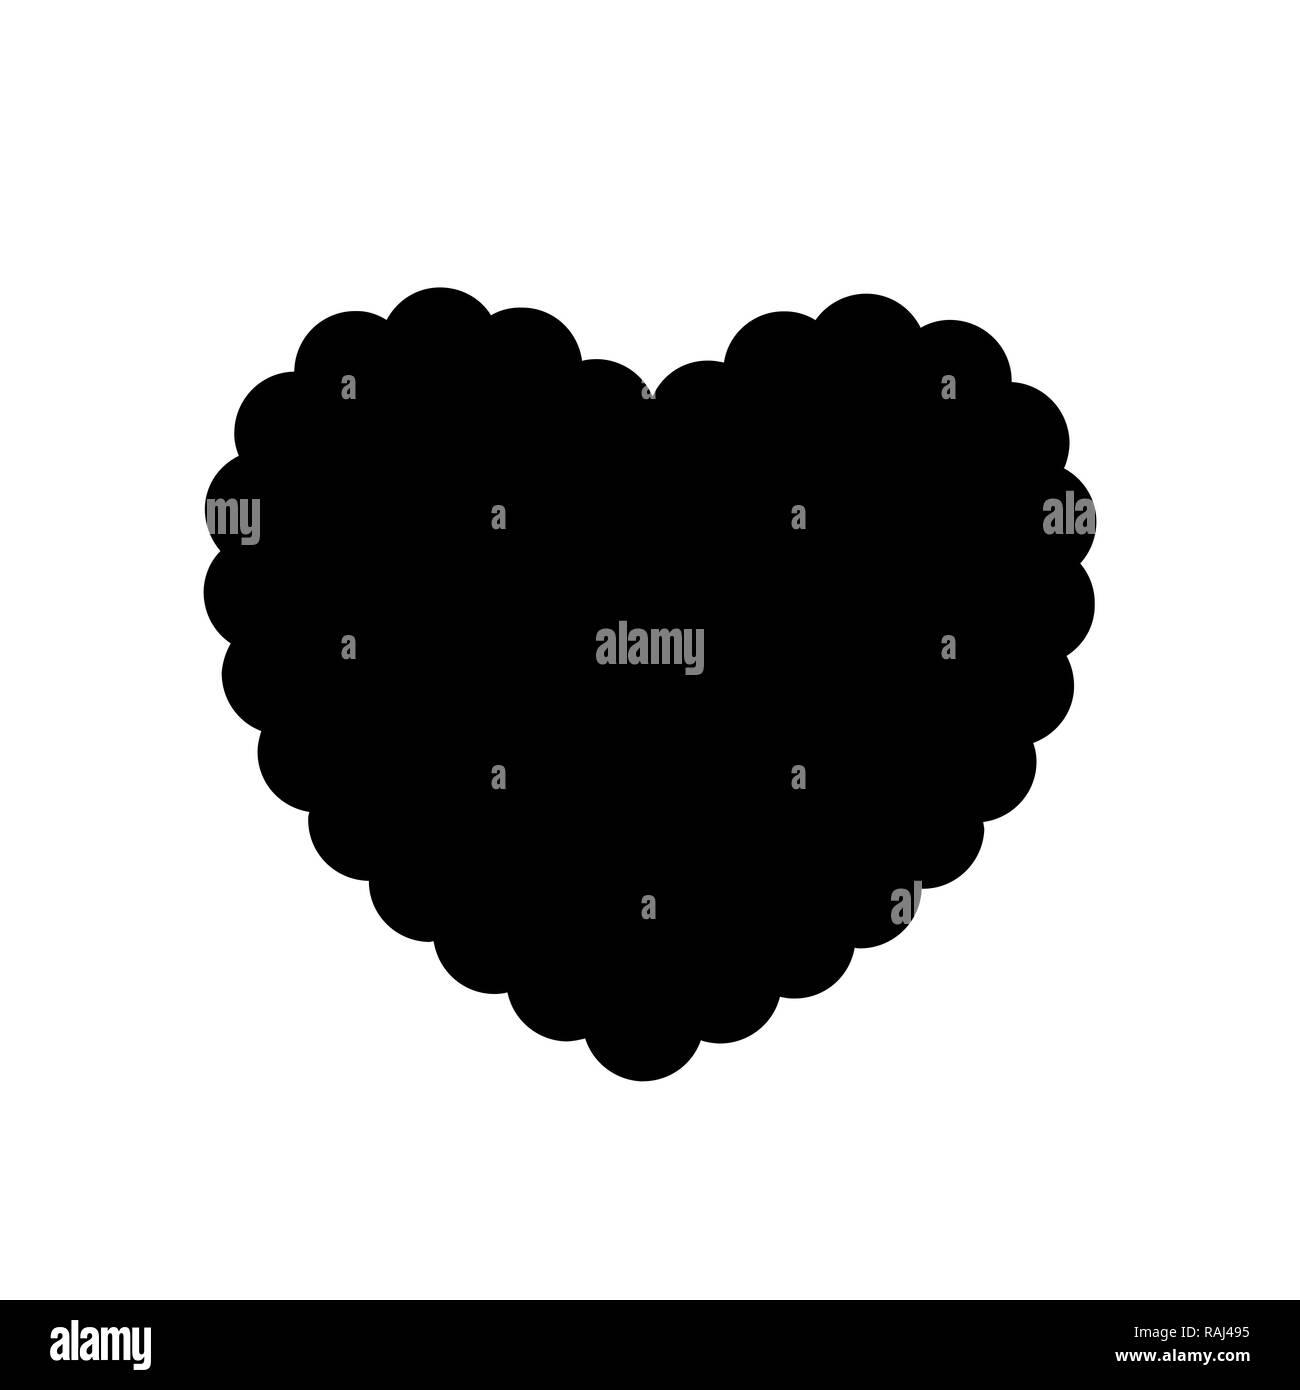 Schwarze Silhouette der wellenförmige Herz auf weißem Hintergrund. Schwarzweiß-Bild, Symbol, Zeichen, Symbol, clip art. Stockbild